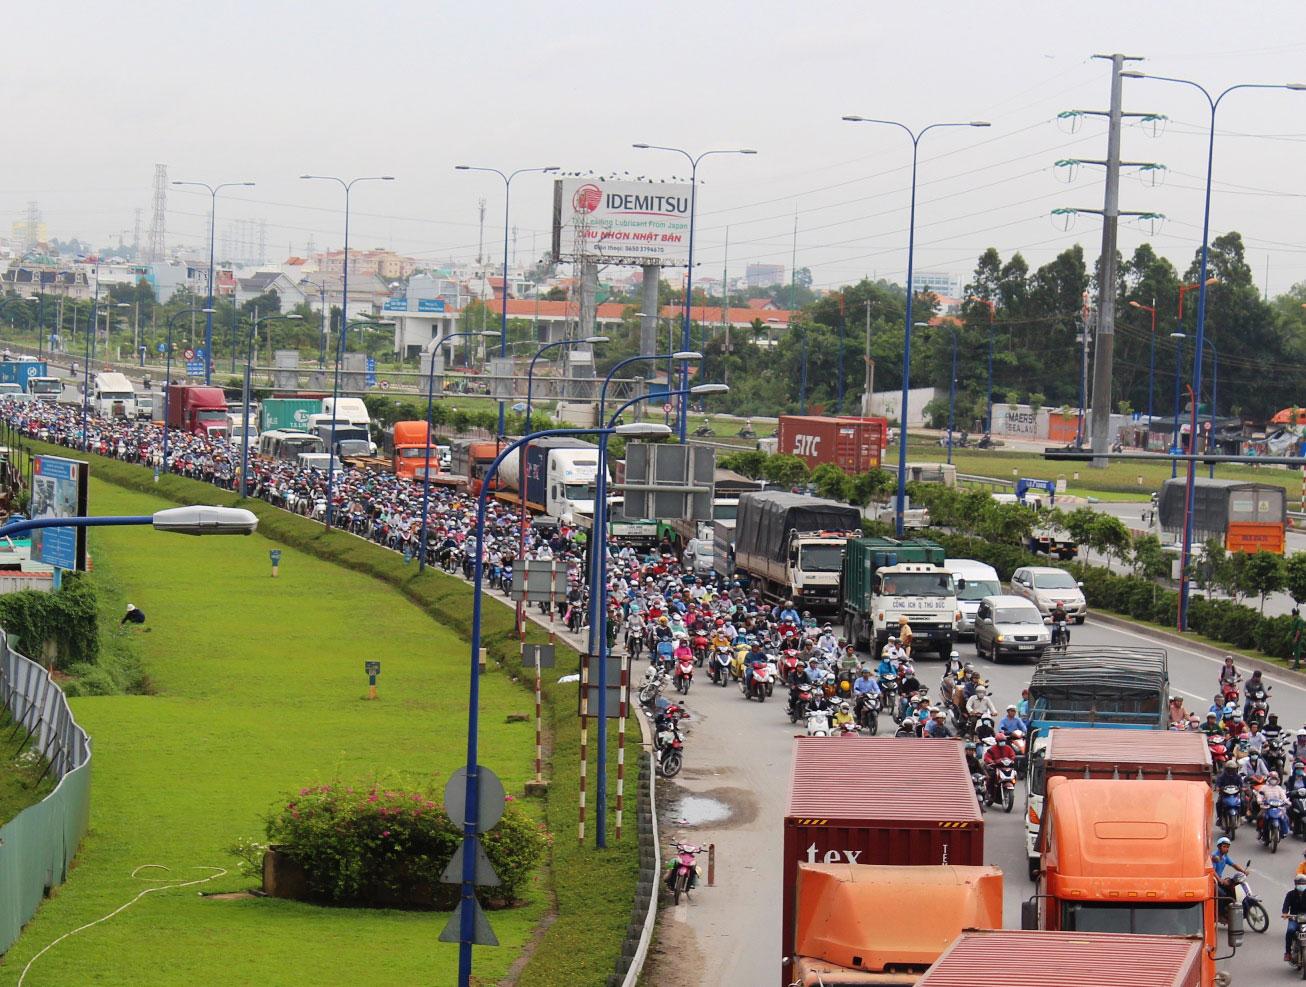 KhƠi ThÔng ĐiỂm NghẼn LiÊn KẾt: Liên Kết Đông Nam Bộ Vẫn Là Hình Thức